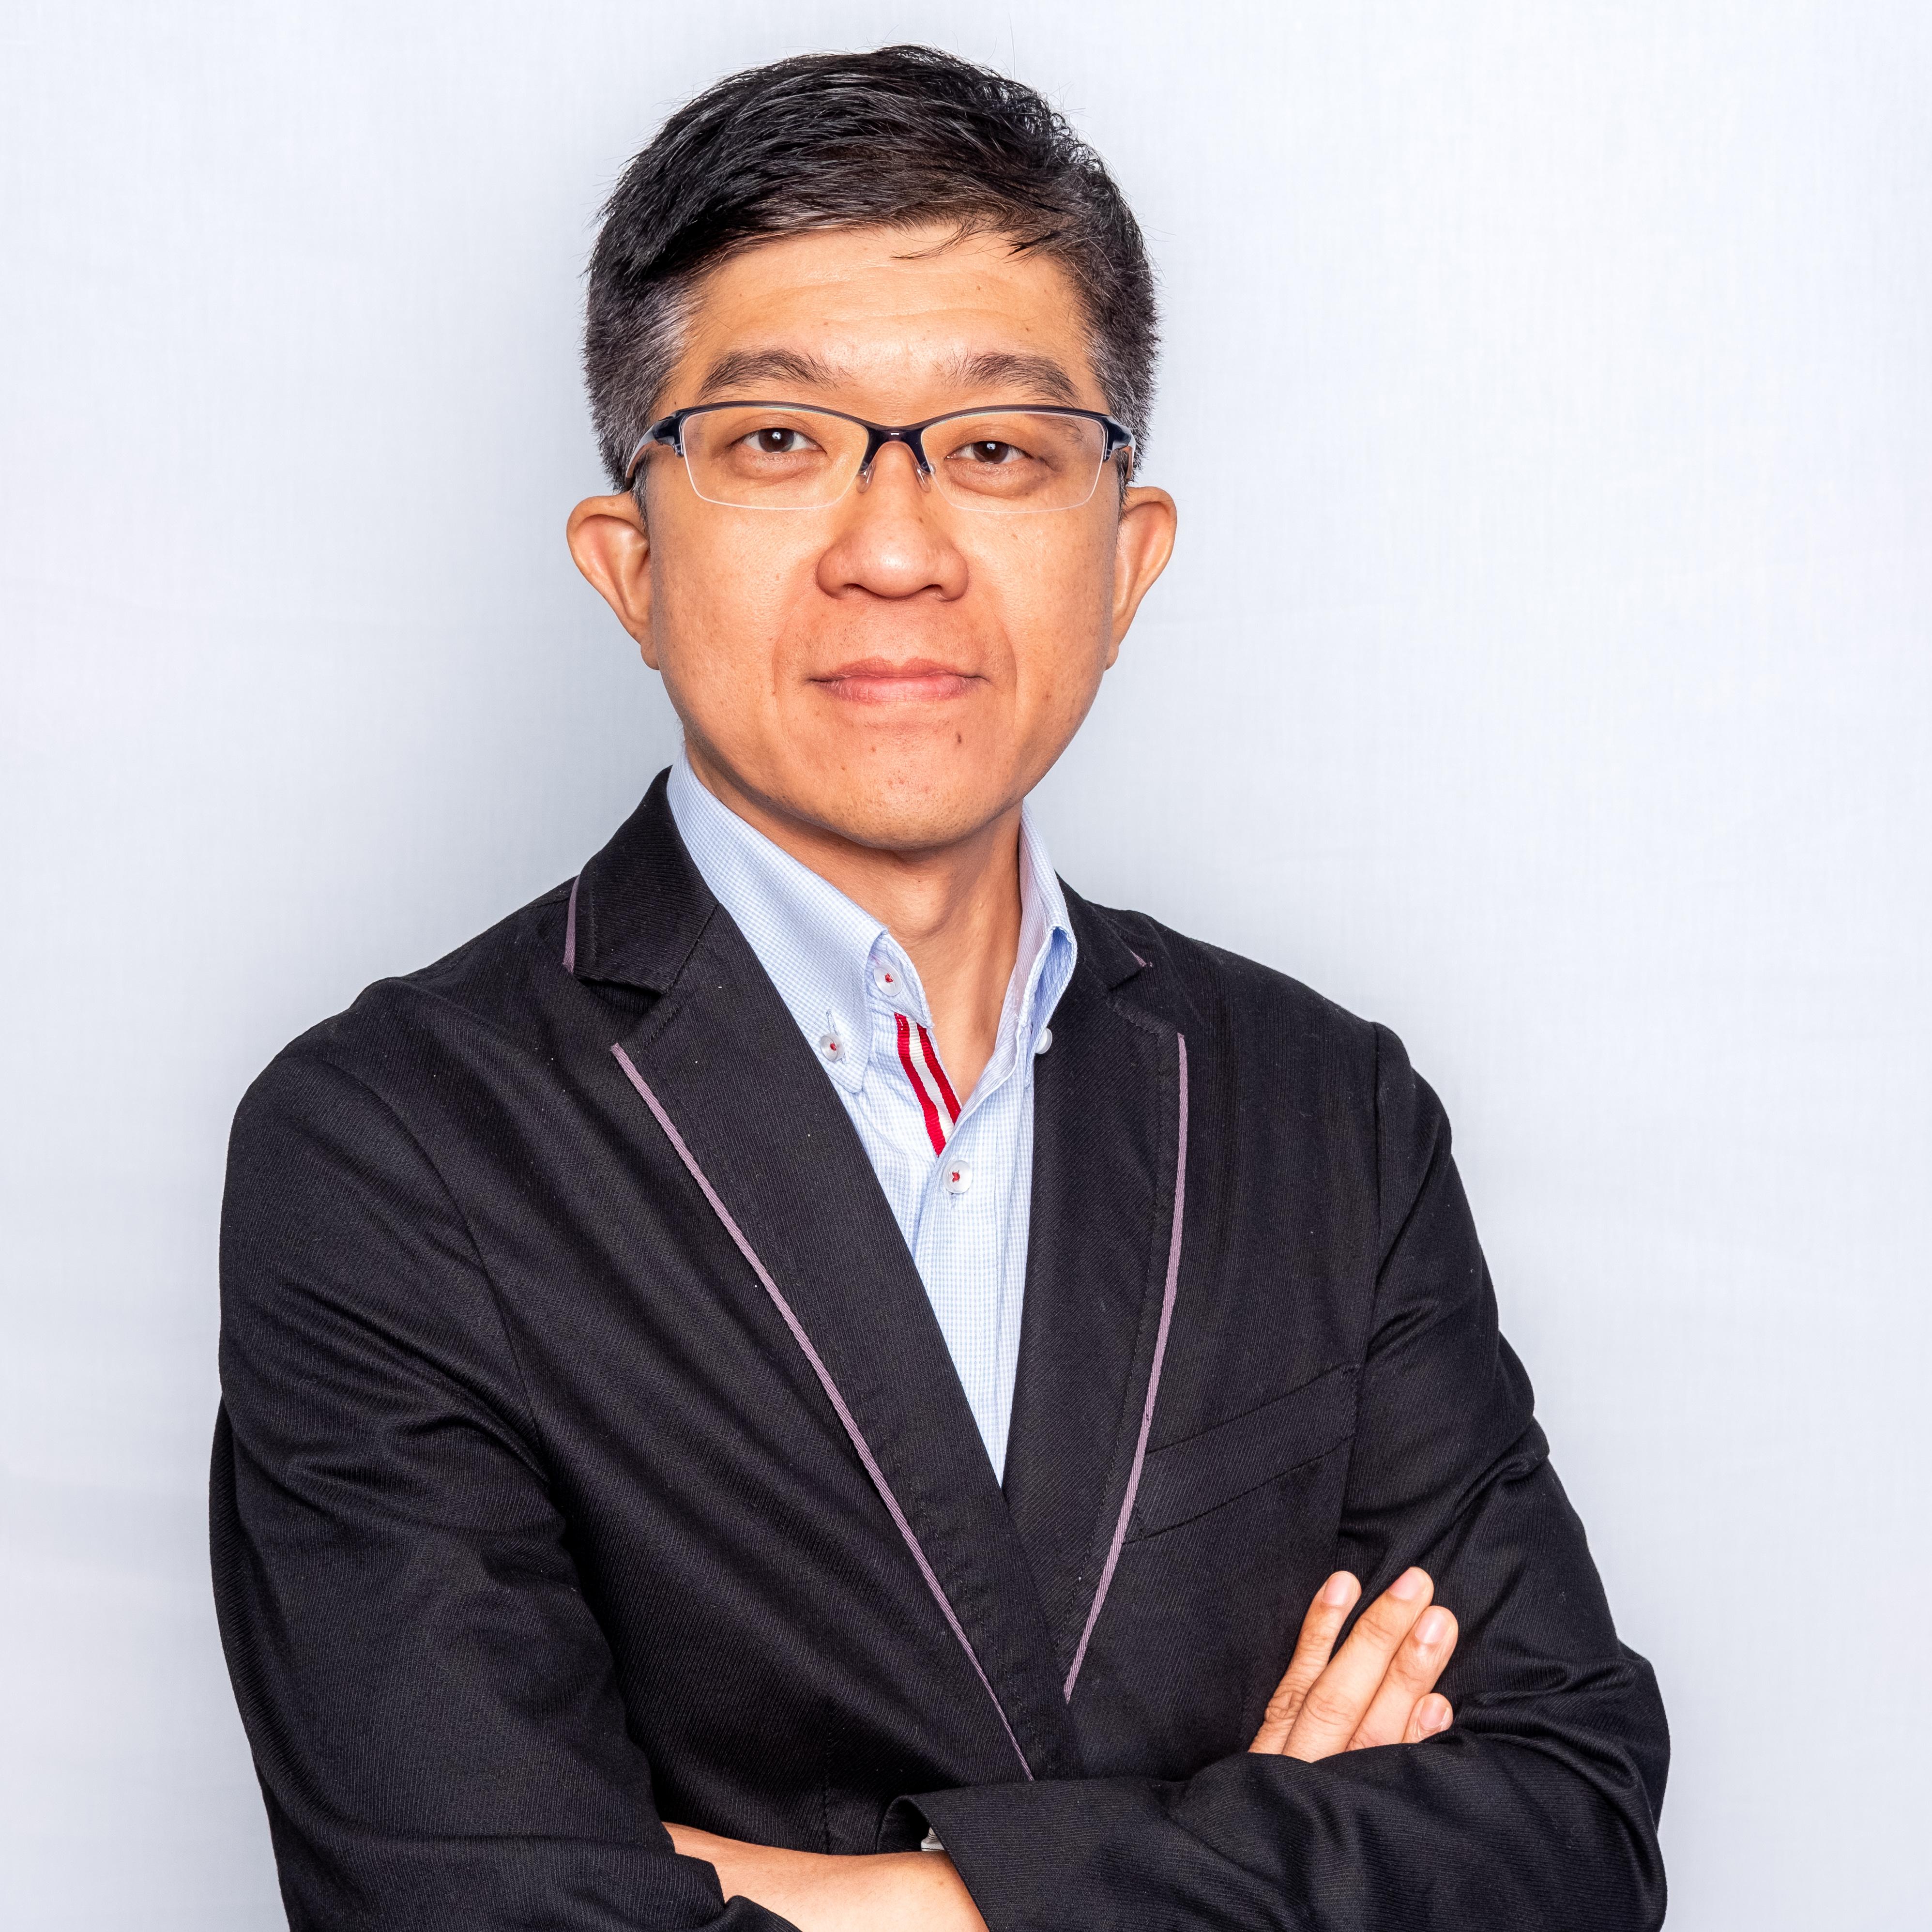 Chang Shiang Ng